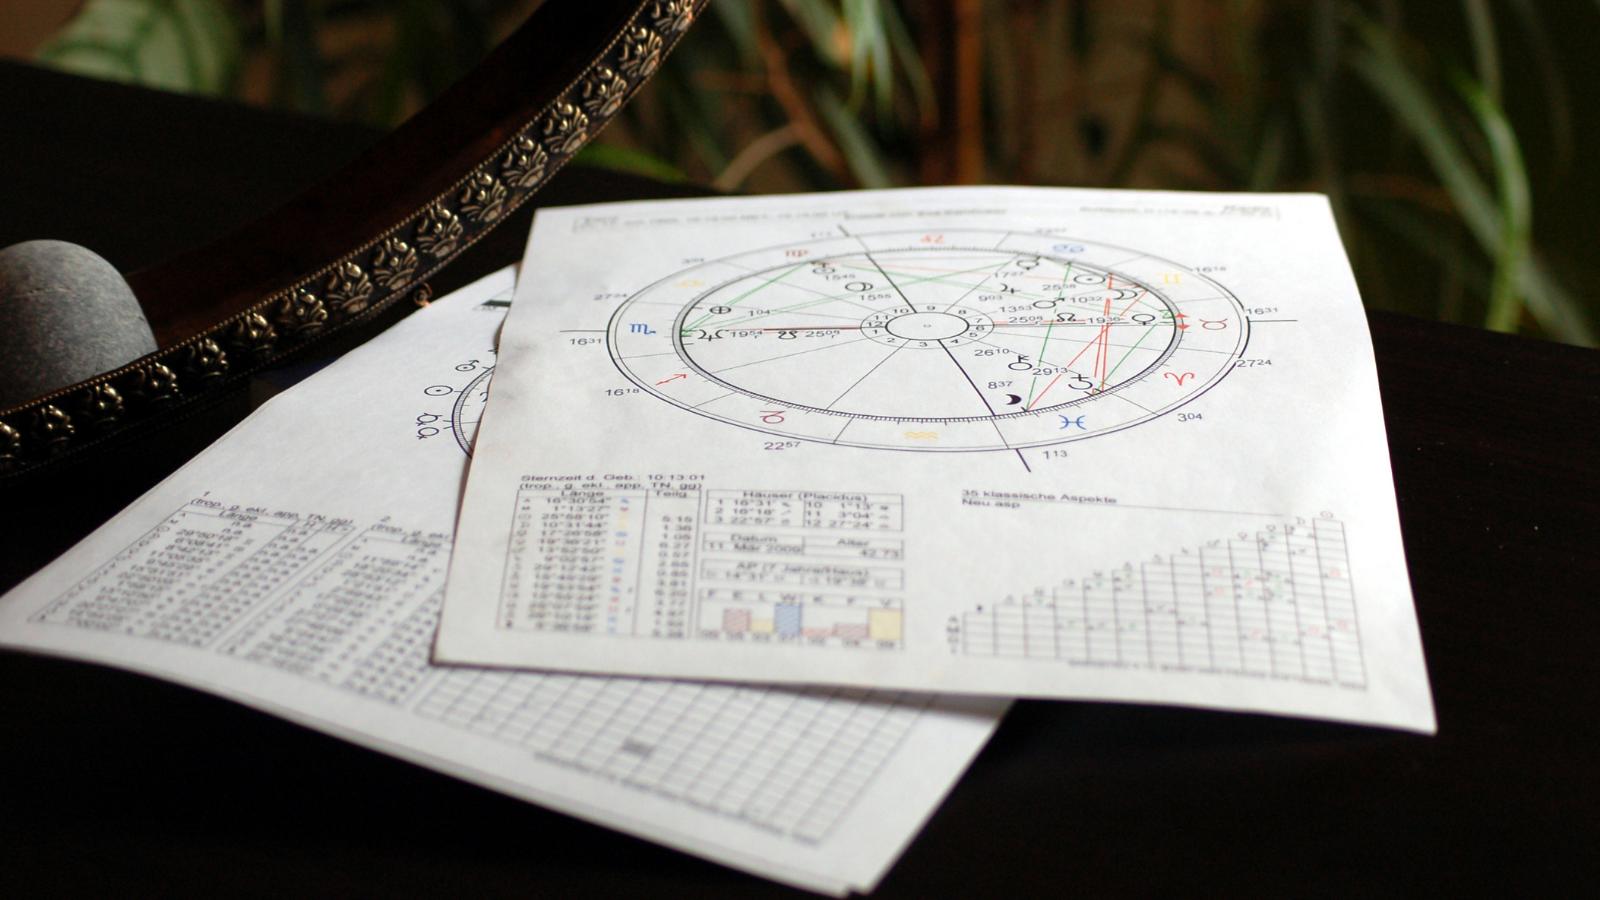 horoscope-today-august-6-2021-here-are-the-astrological-predictions-for-aries-taurus-gemini-cancer-leo-virgo-libra-scorpio-sagittarius-capricorn-aquarius-and-pisces